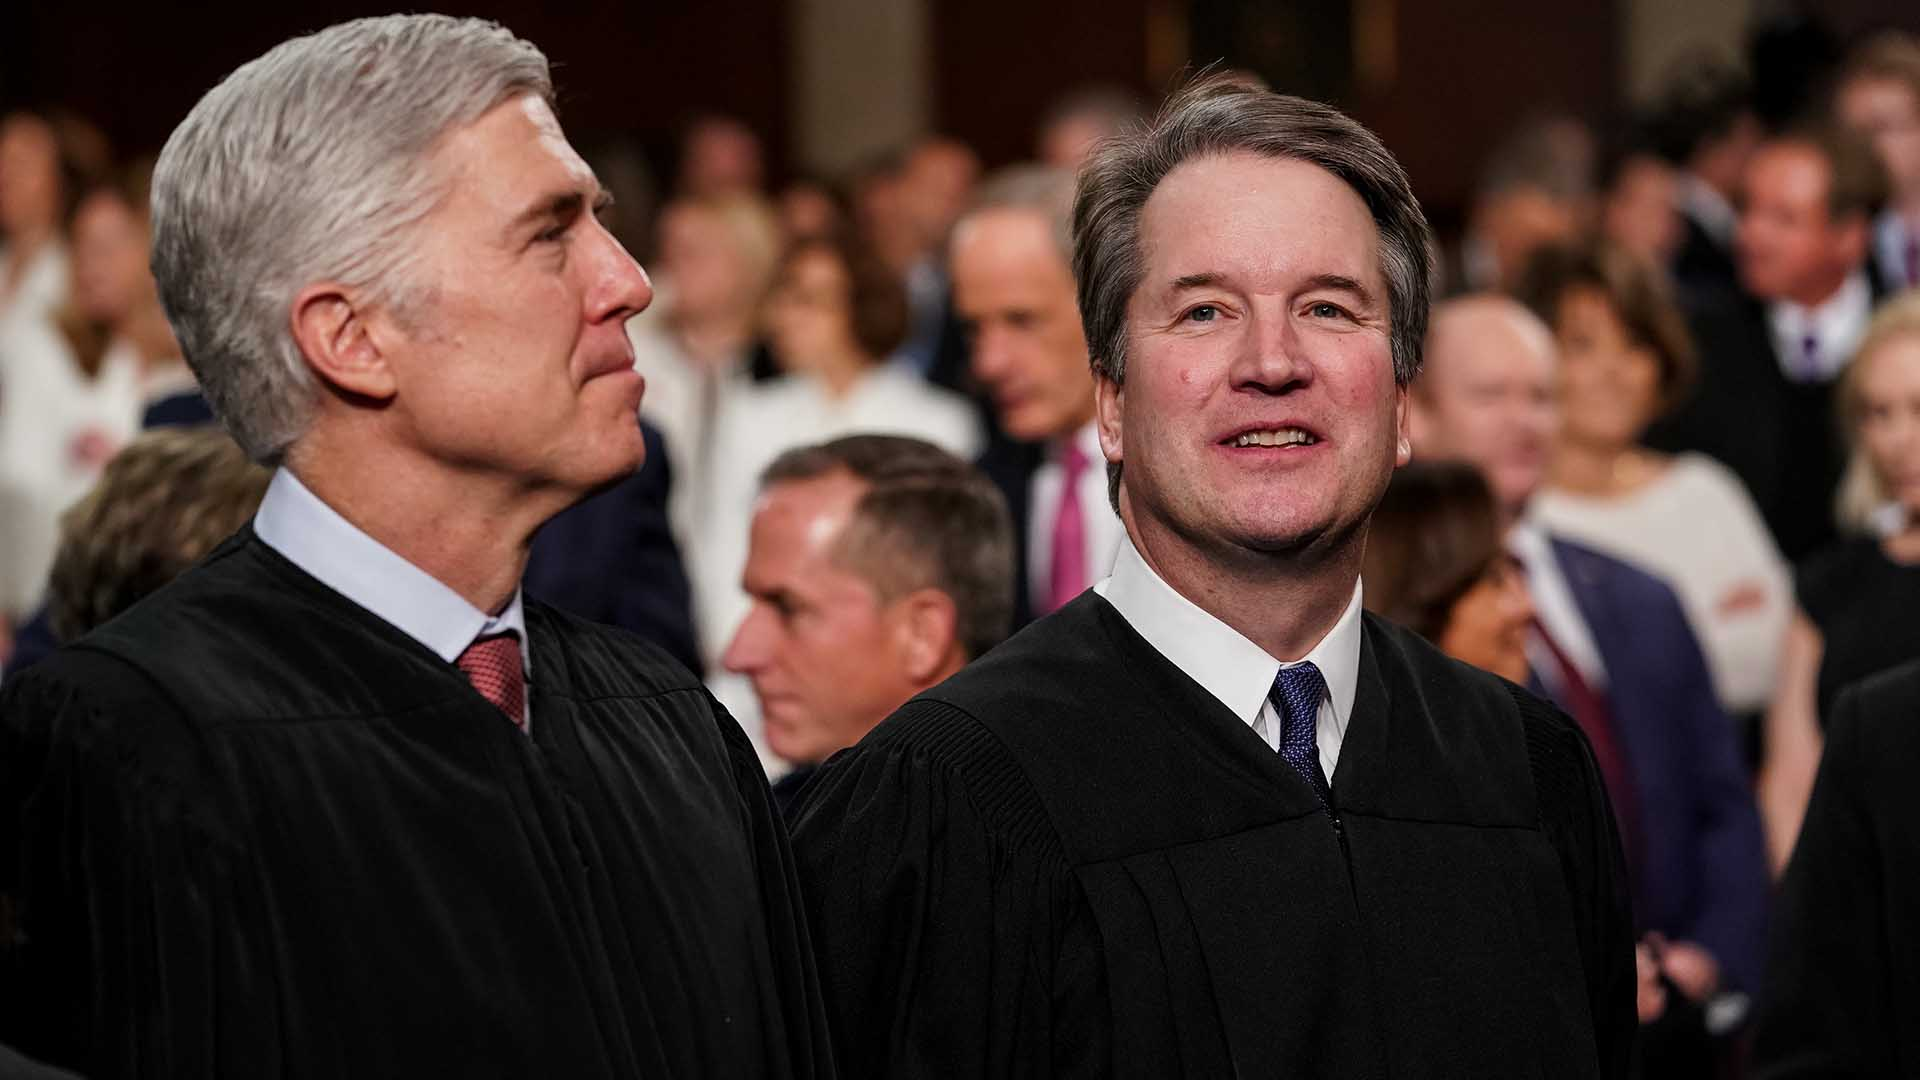 Los jueces de la Corte SupremaNeil Gorsuch, izquierda, y Brett Kavanaughen el Capitolio (Doug Mills via REUTERS)